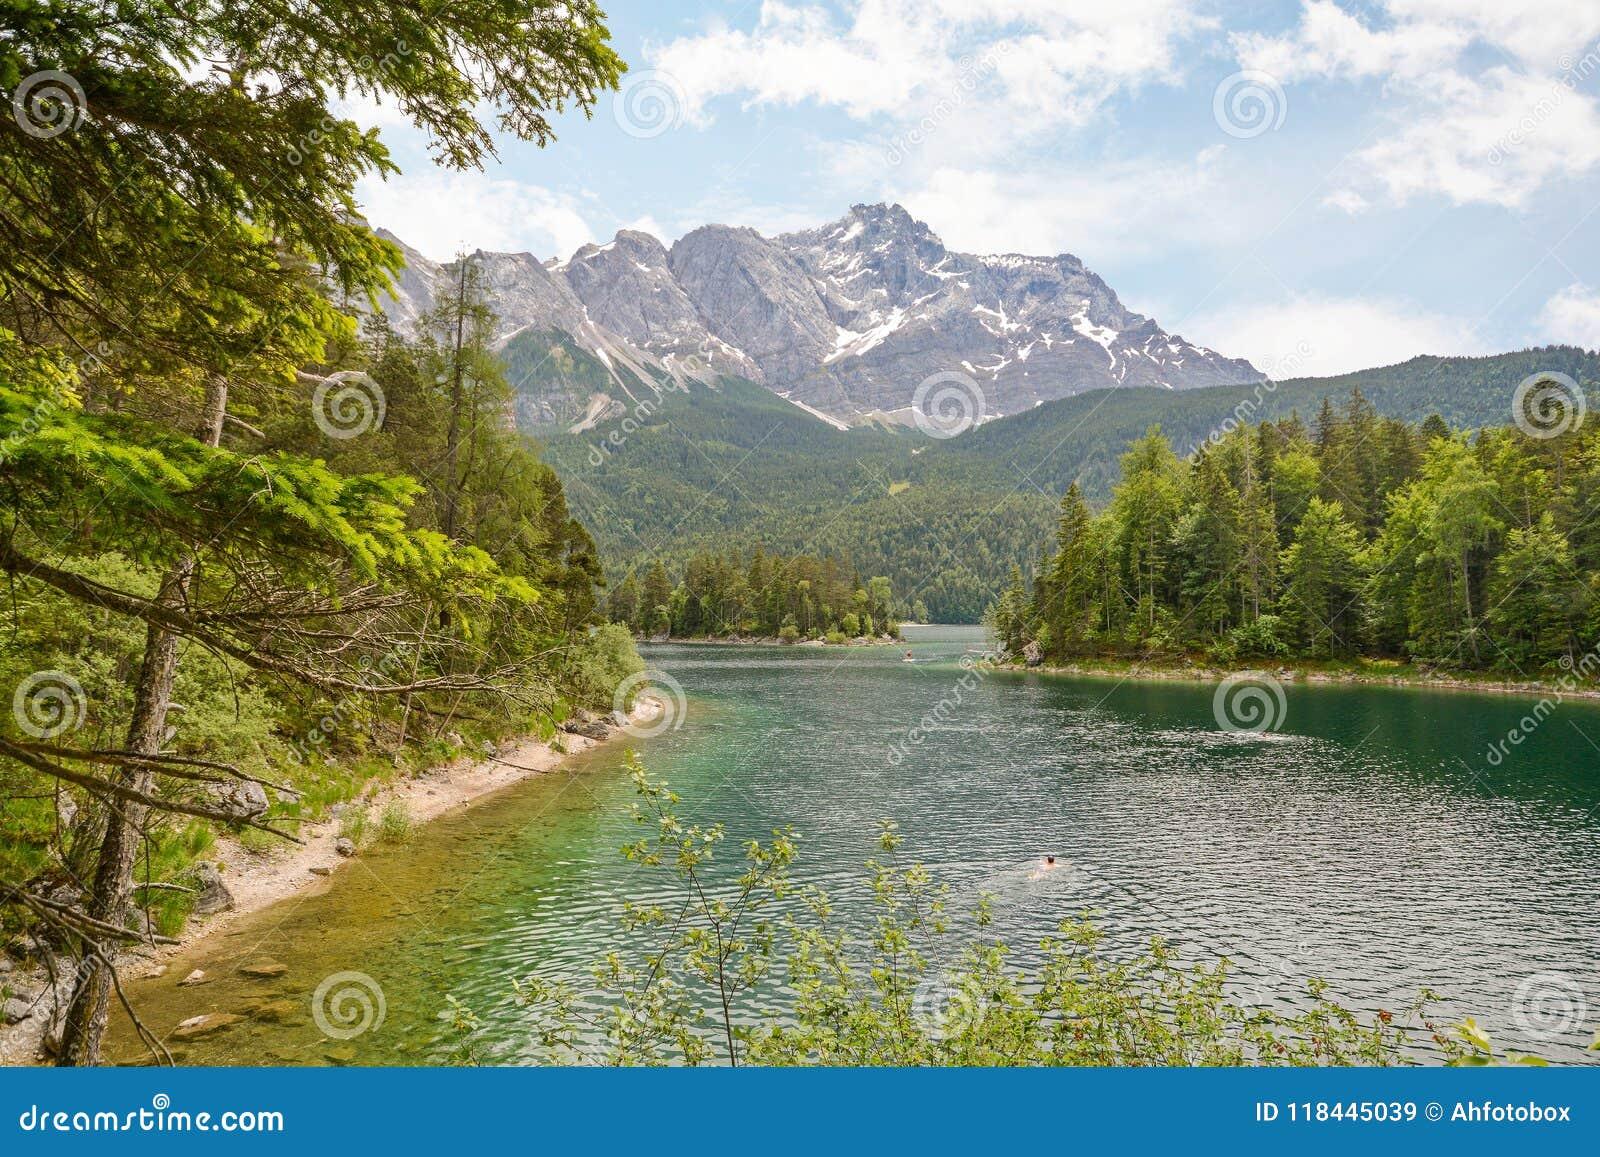 Άποψη στη λίμνη Eibsee και Zugspitze, υψηλότερο βουνό της Γερμανίας ` s στα βαυαρικά όρη, Βαυαρία Γερμανία